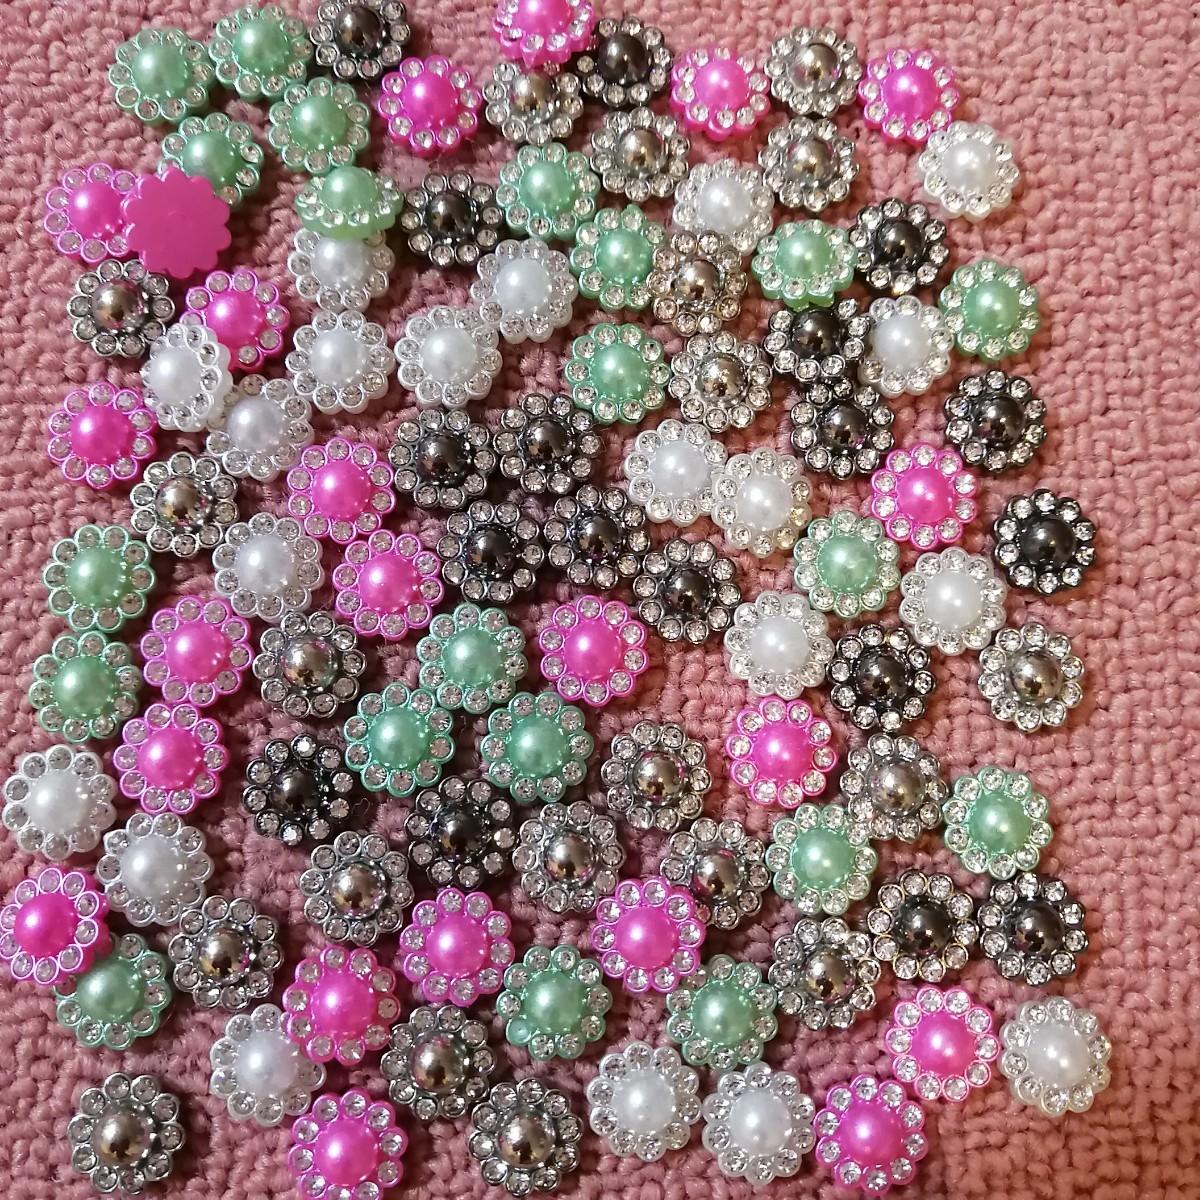 ハンドメイド 材料 部品 プラパーツパール 真珠 花 花台   手作り フラワー